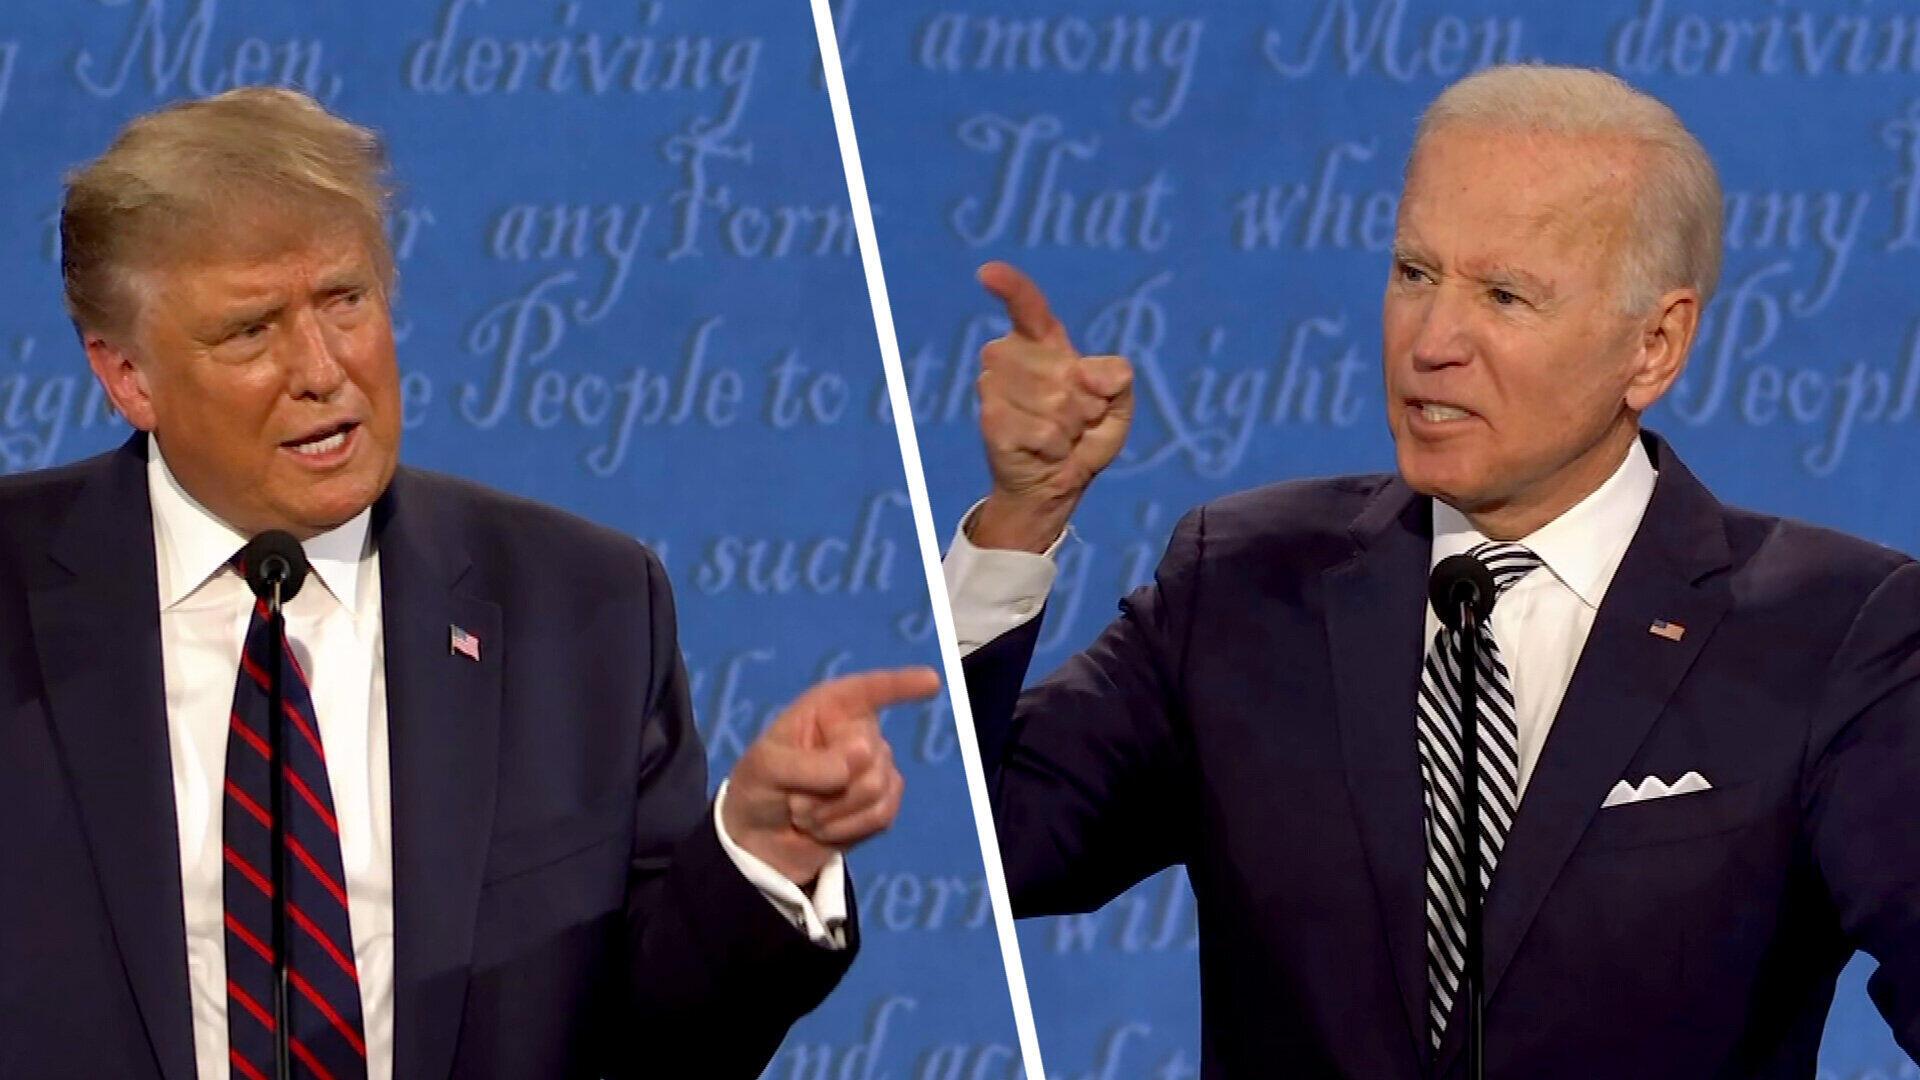 トランプVSバイデン...暴力の衝突、親子の断絶にまで発展した大統領選の大混乱!アメリカは海図のないまま漂流するのか?